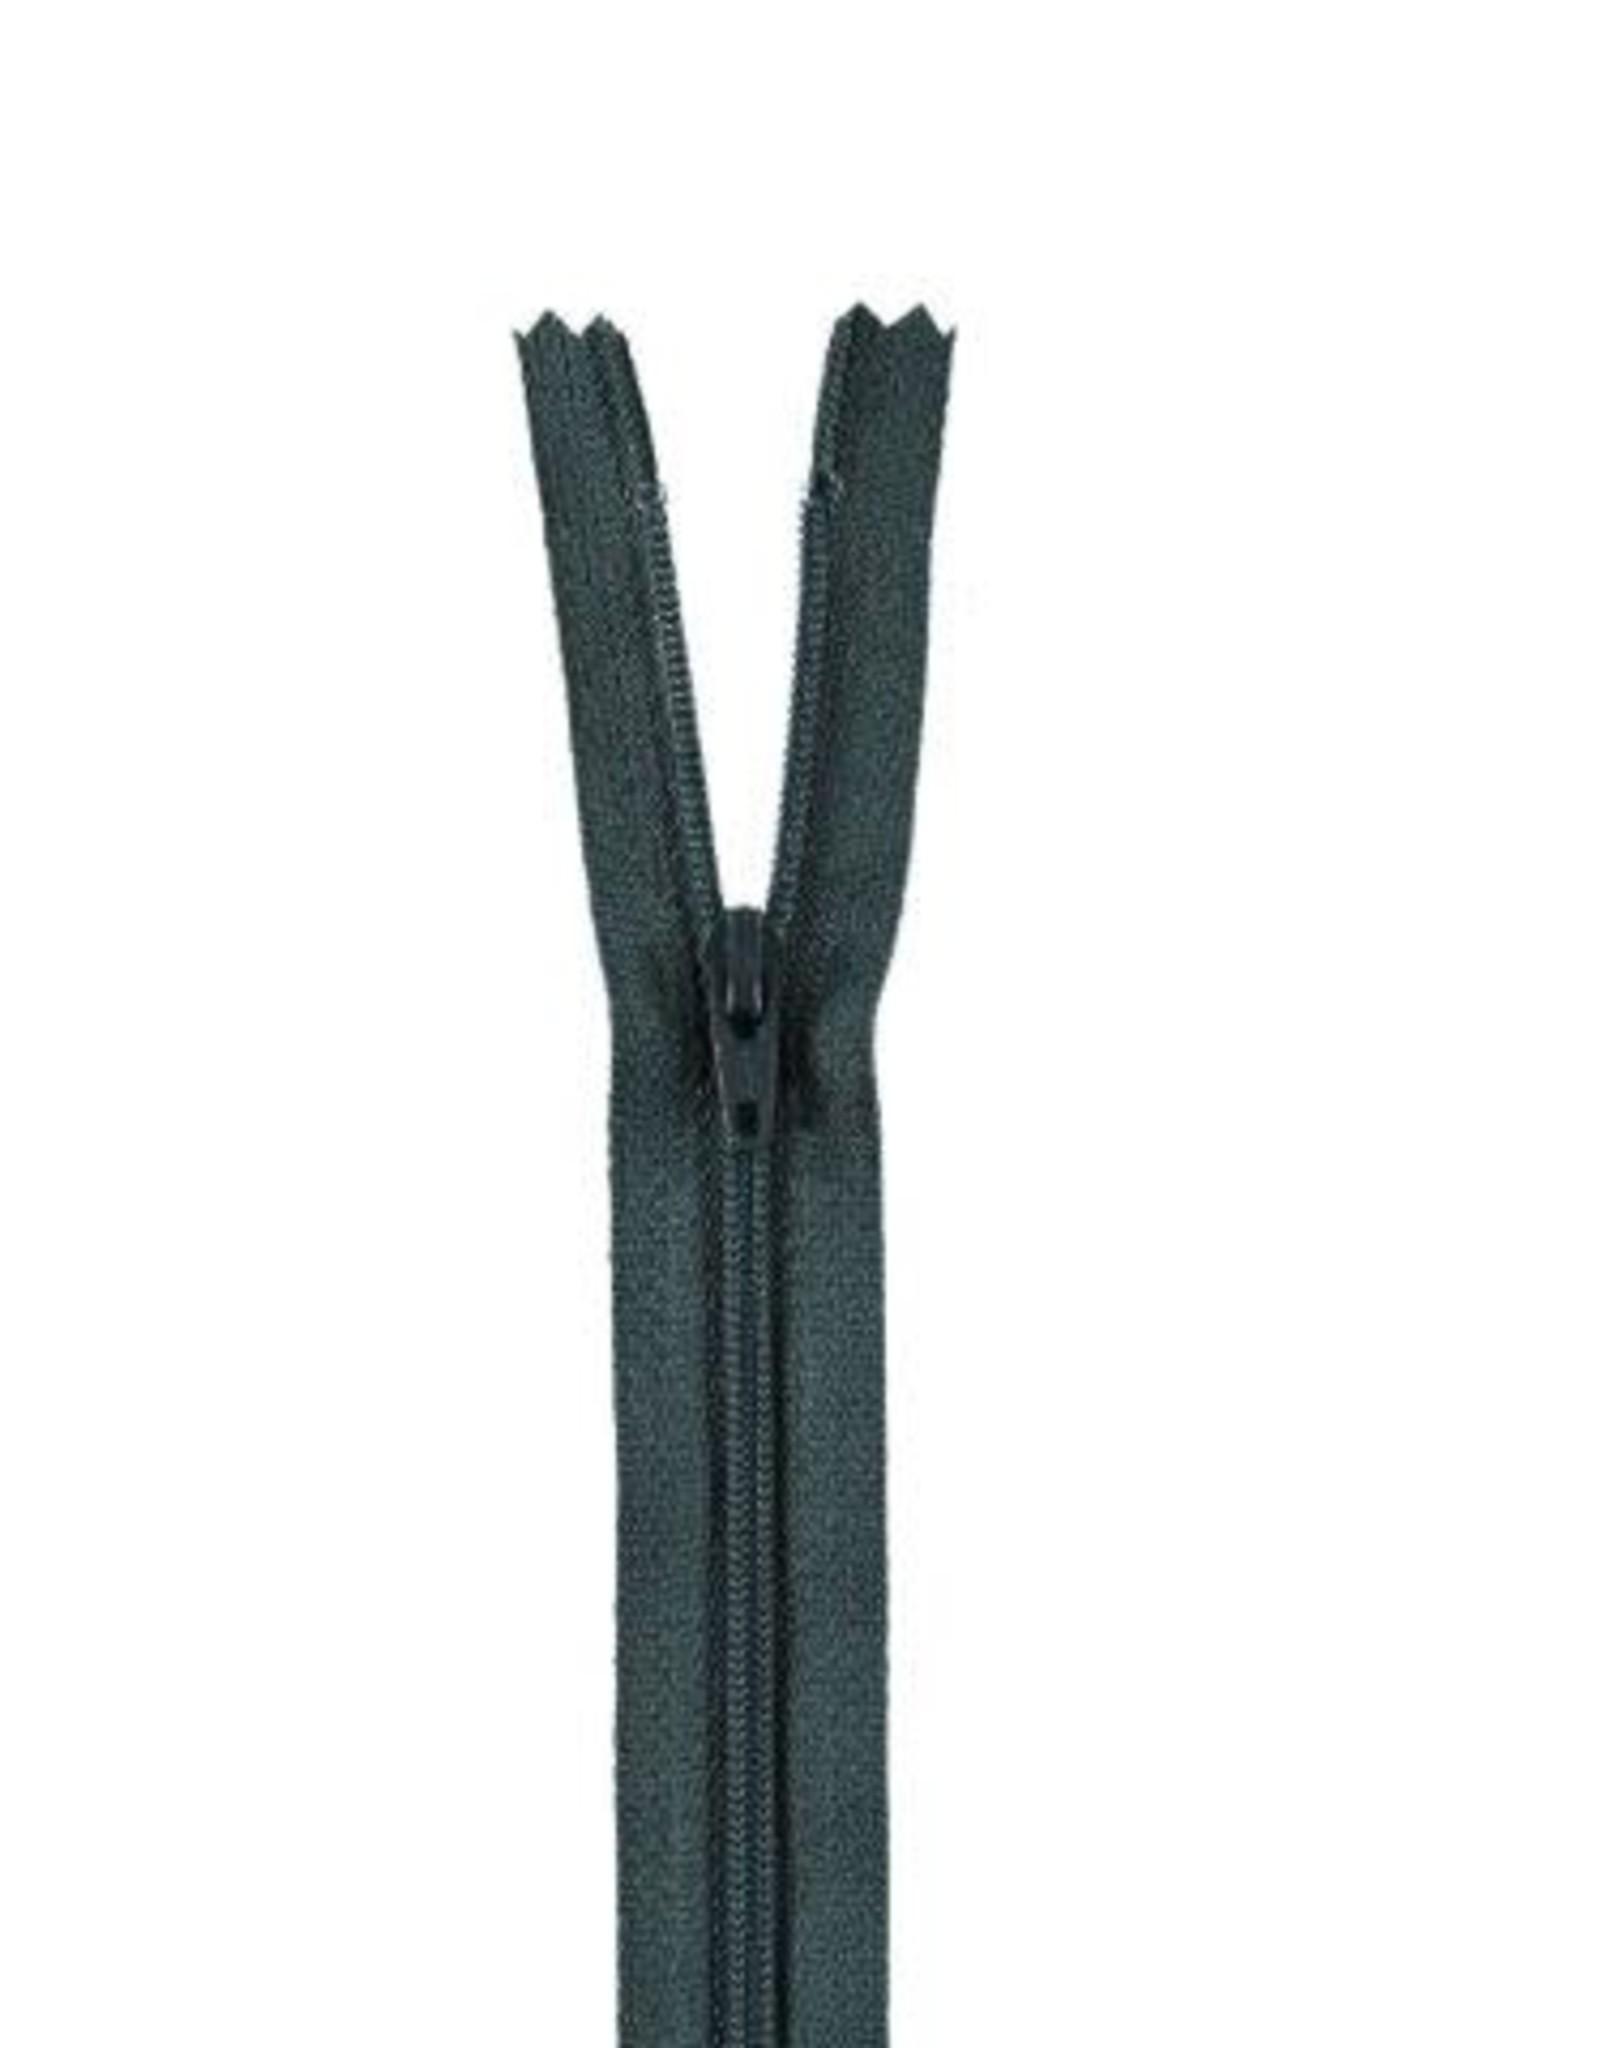 YKK Spiraalrits niet-DB 3mm grijsblauw 579-18cm